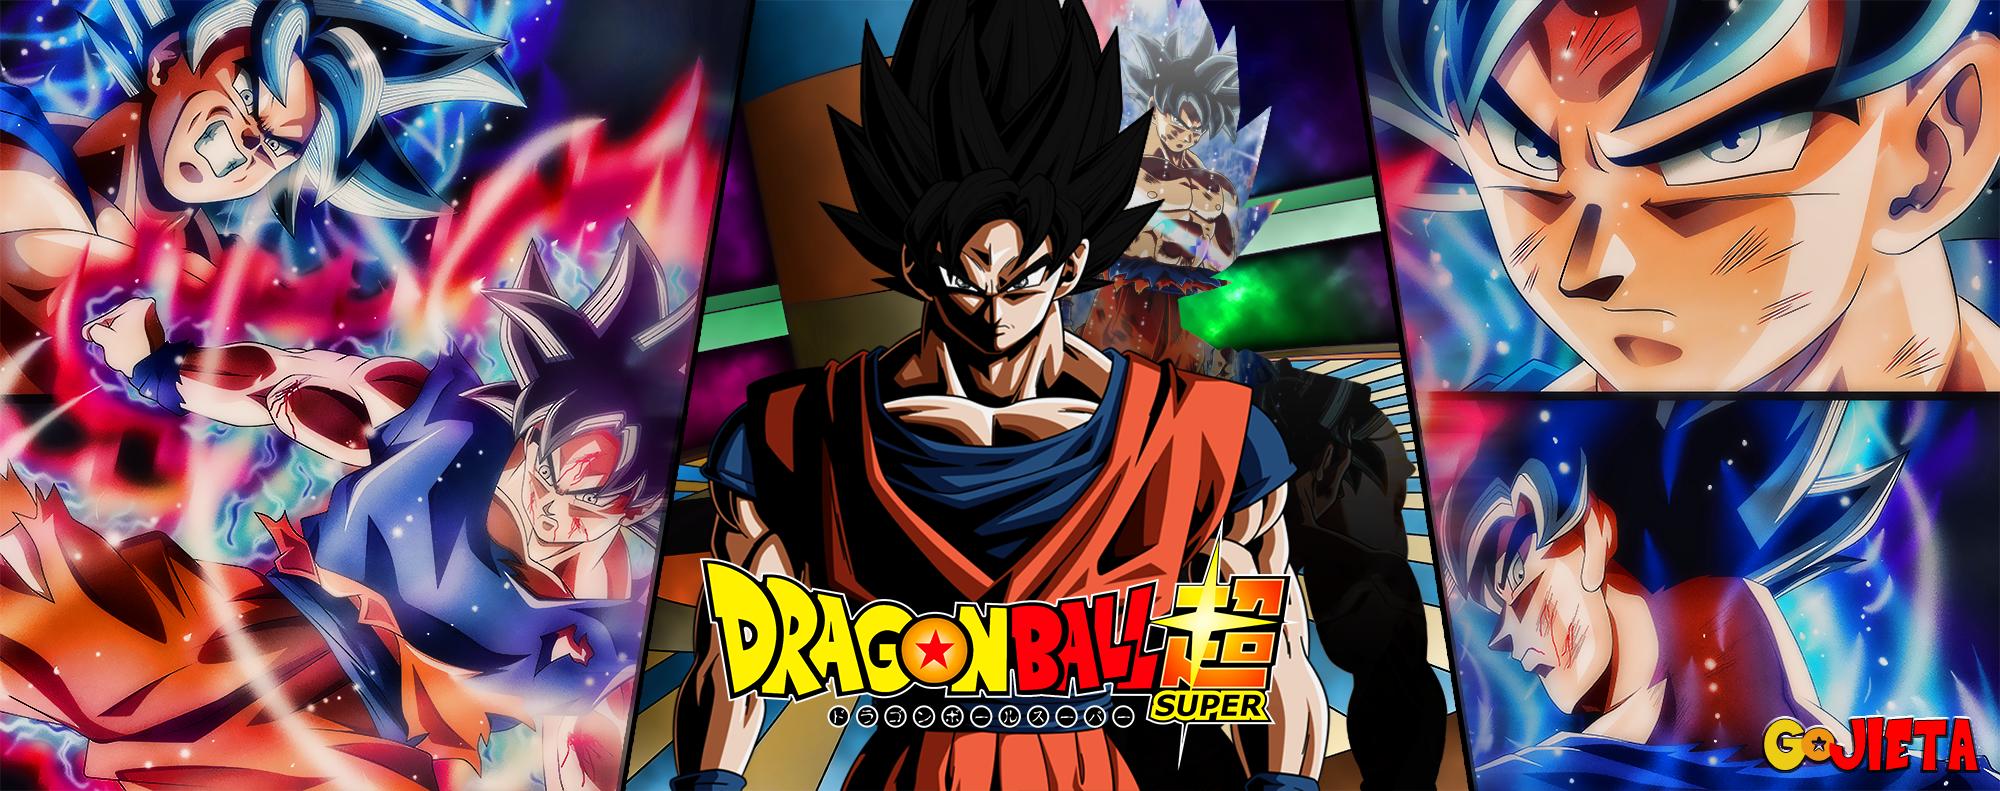 Los Mejores Fondos De Pantalla De Goku Migatte No Gokui Hd: Banniere Goku Migatte No Gokui By RonnieGFX On DeviantArt